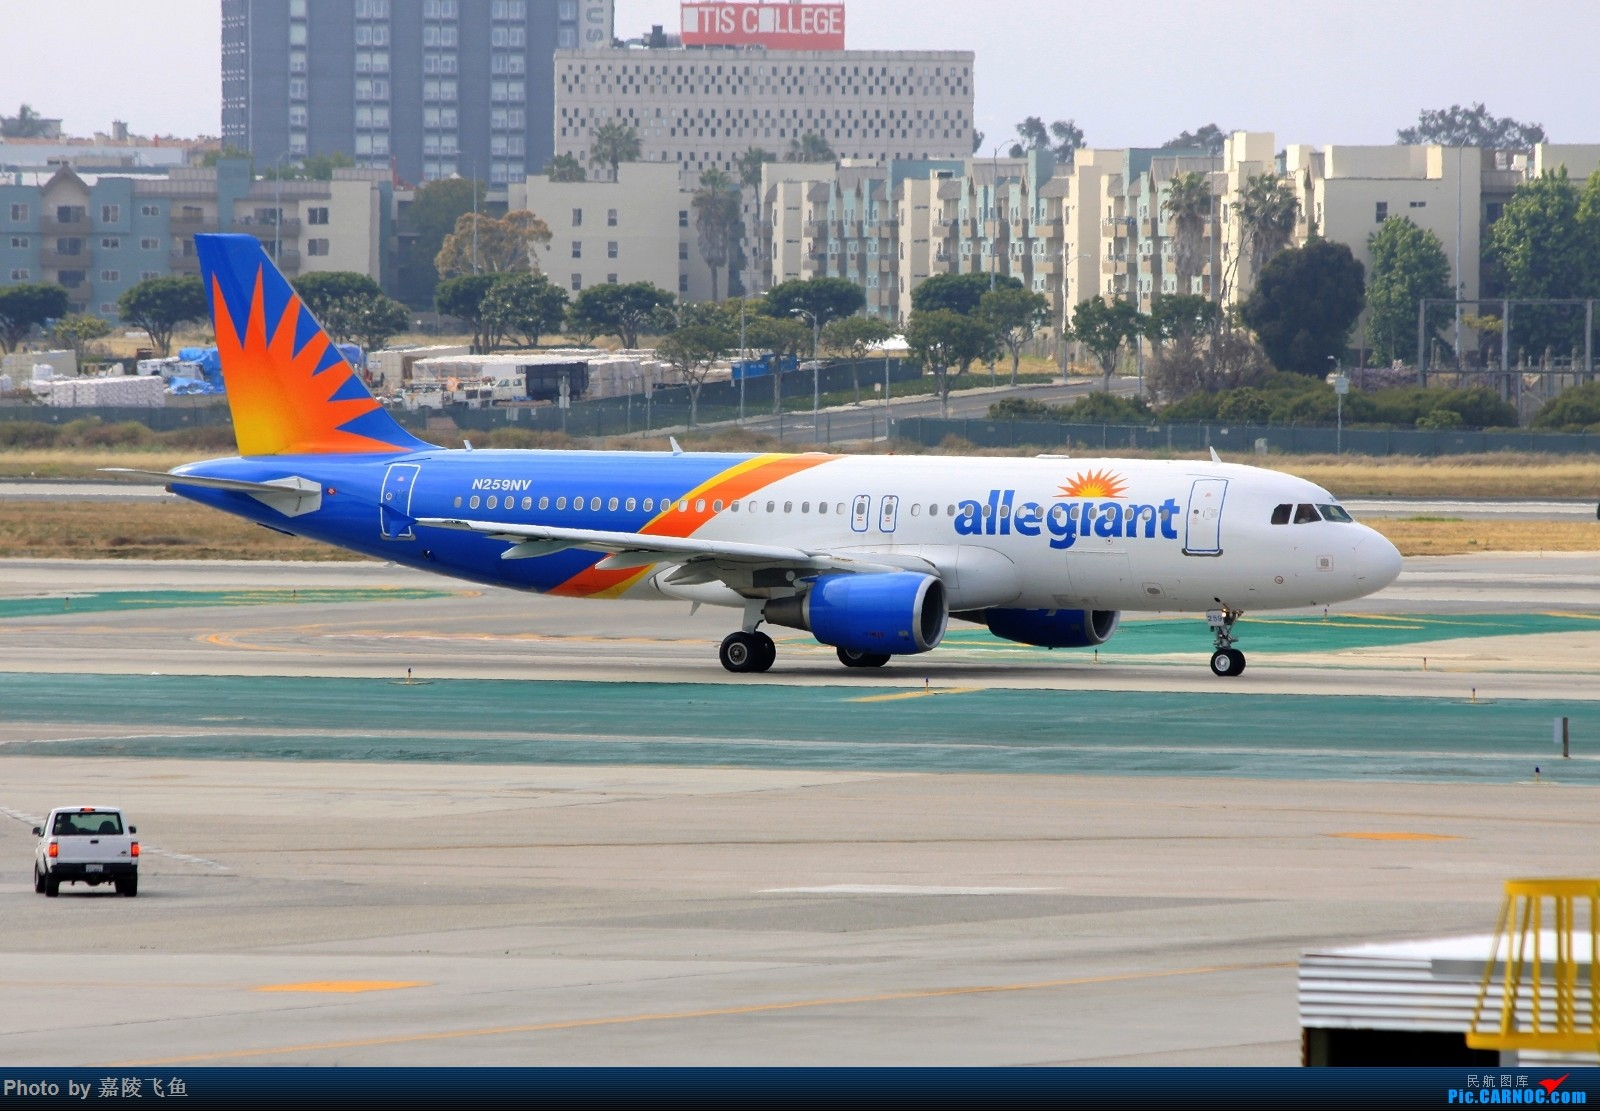 [原创]忠实 边疆 阿拉斯加还有其他 AIRBUS A320-200 N259NV 美国洛杉矶机场